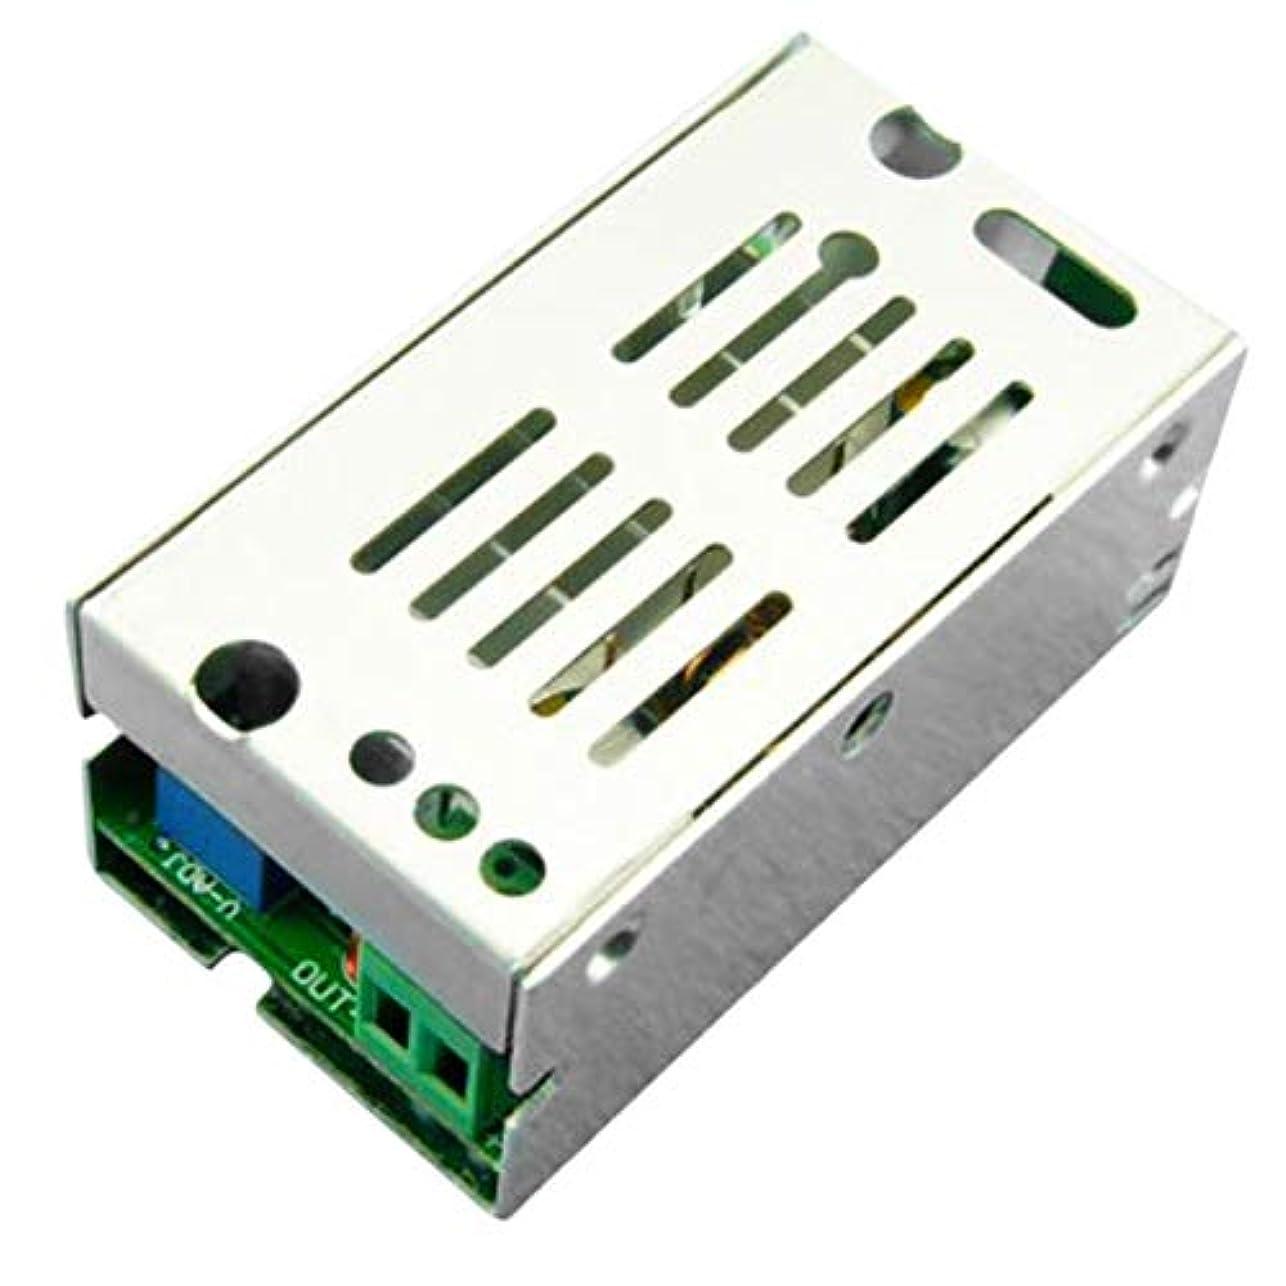 保存化学者従順な新しい200W 6-35V 6-55V DC DCコンバーターブーストチャージャーパワーコンバーターモジュールブーストコンバーターモジュール卸売ホット新(カラー:シルバー&ゴールド)